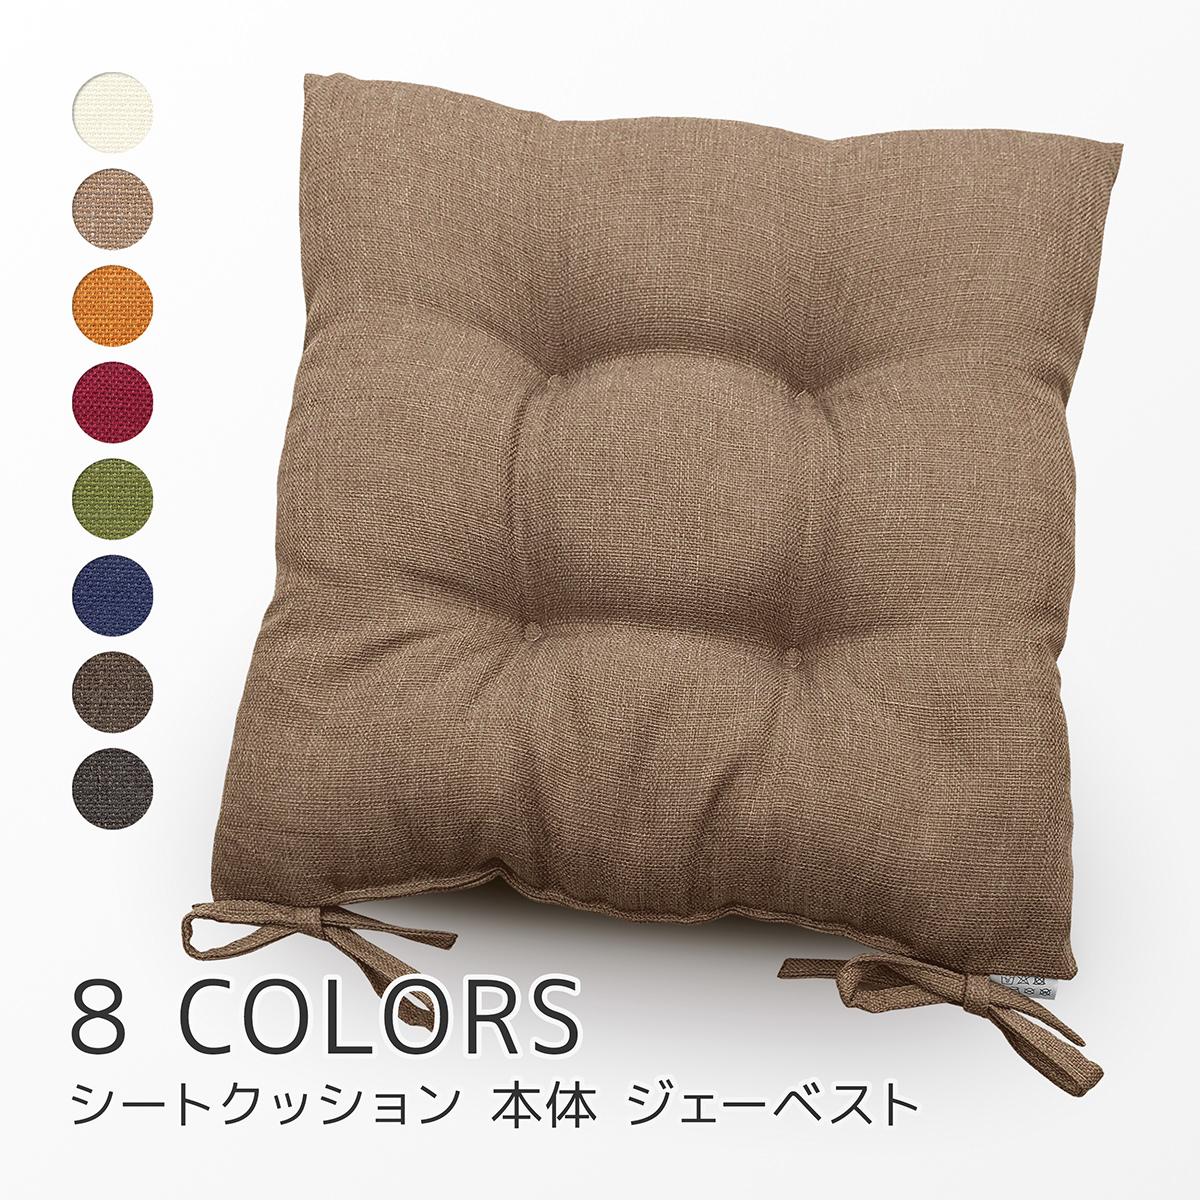 当店人気ナンバーワンの生地 クッション 椅子 45×45 シートクッション 本体 ジェーベスト 売り込み ロングセラー ざっくり 4点どめ ポリエステルわた ひも付きひもなし選べます ダイニングチェアーの座面クッションやベンチクッションとして 素縫い 両面共生地 シャンブレー調 AL完売しました。 日本製 アジアン調